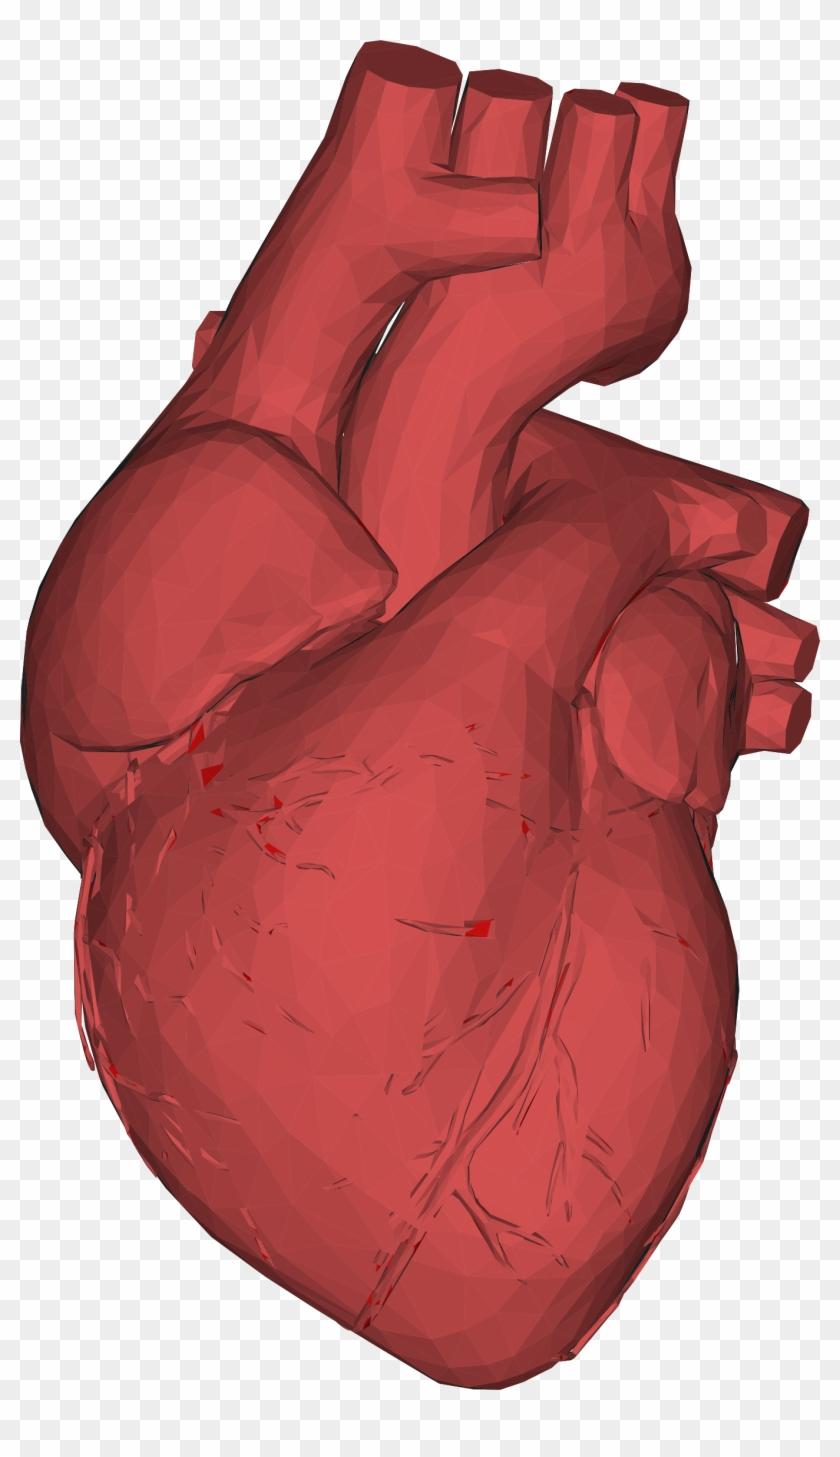 Big Image - Human Heart 3d Png #100083